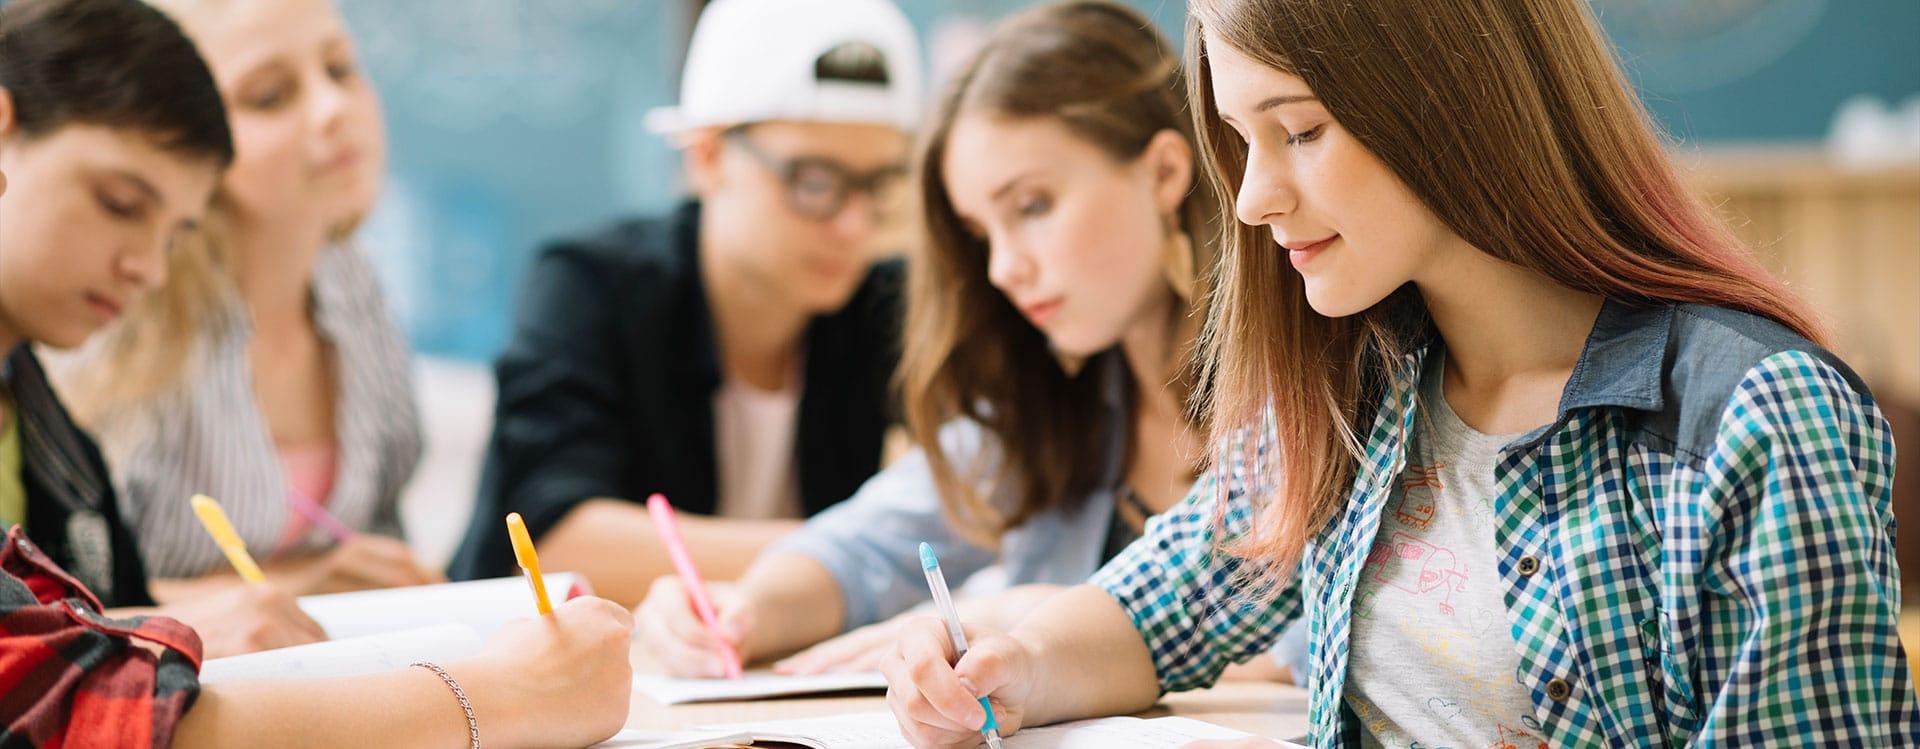 Các chứng chỉ, hồ sơ học tập để du học trung học Mỹ